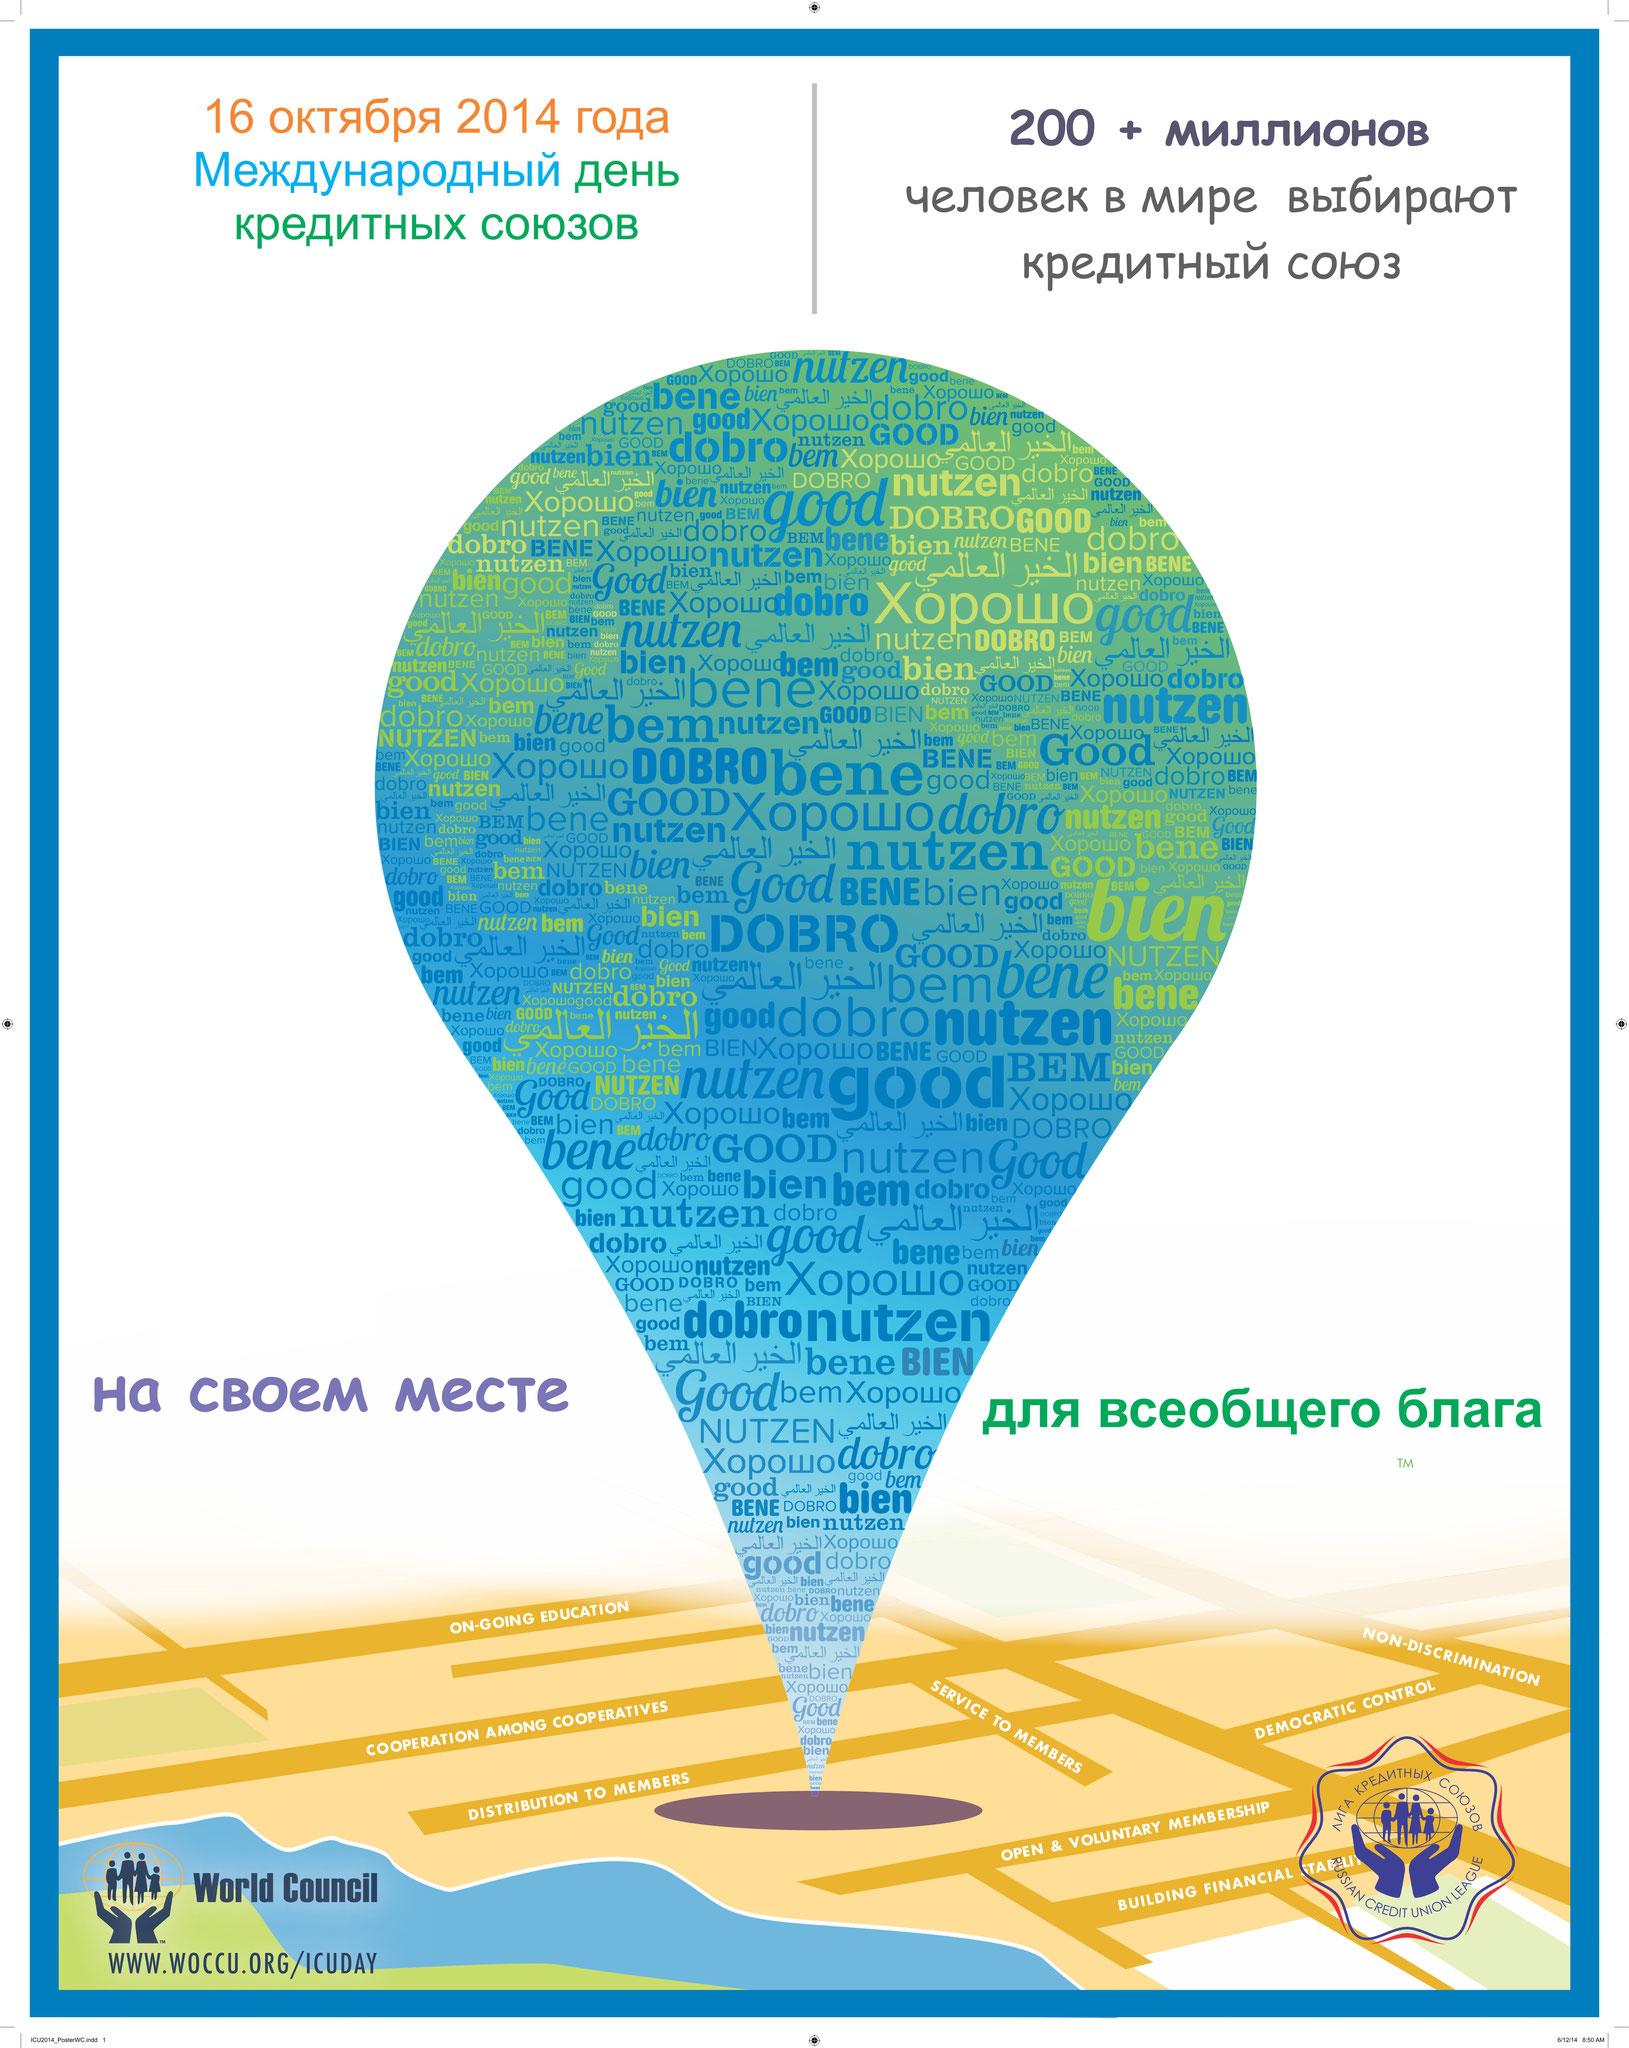 Плакат к Международному дню кредитных союзов 2014 год